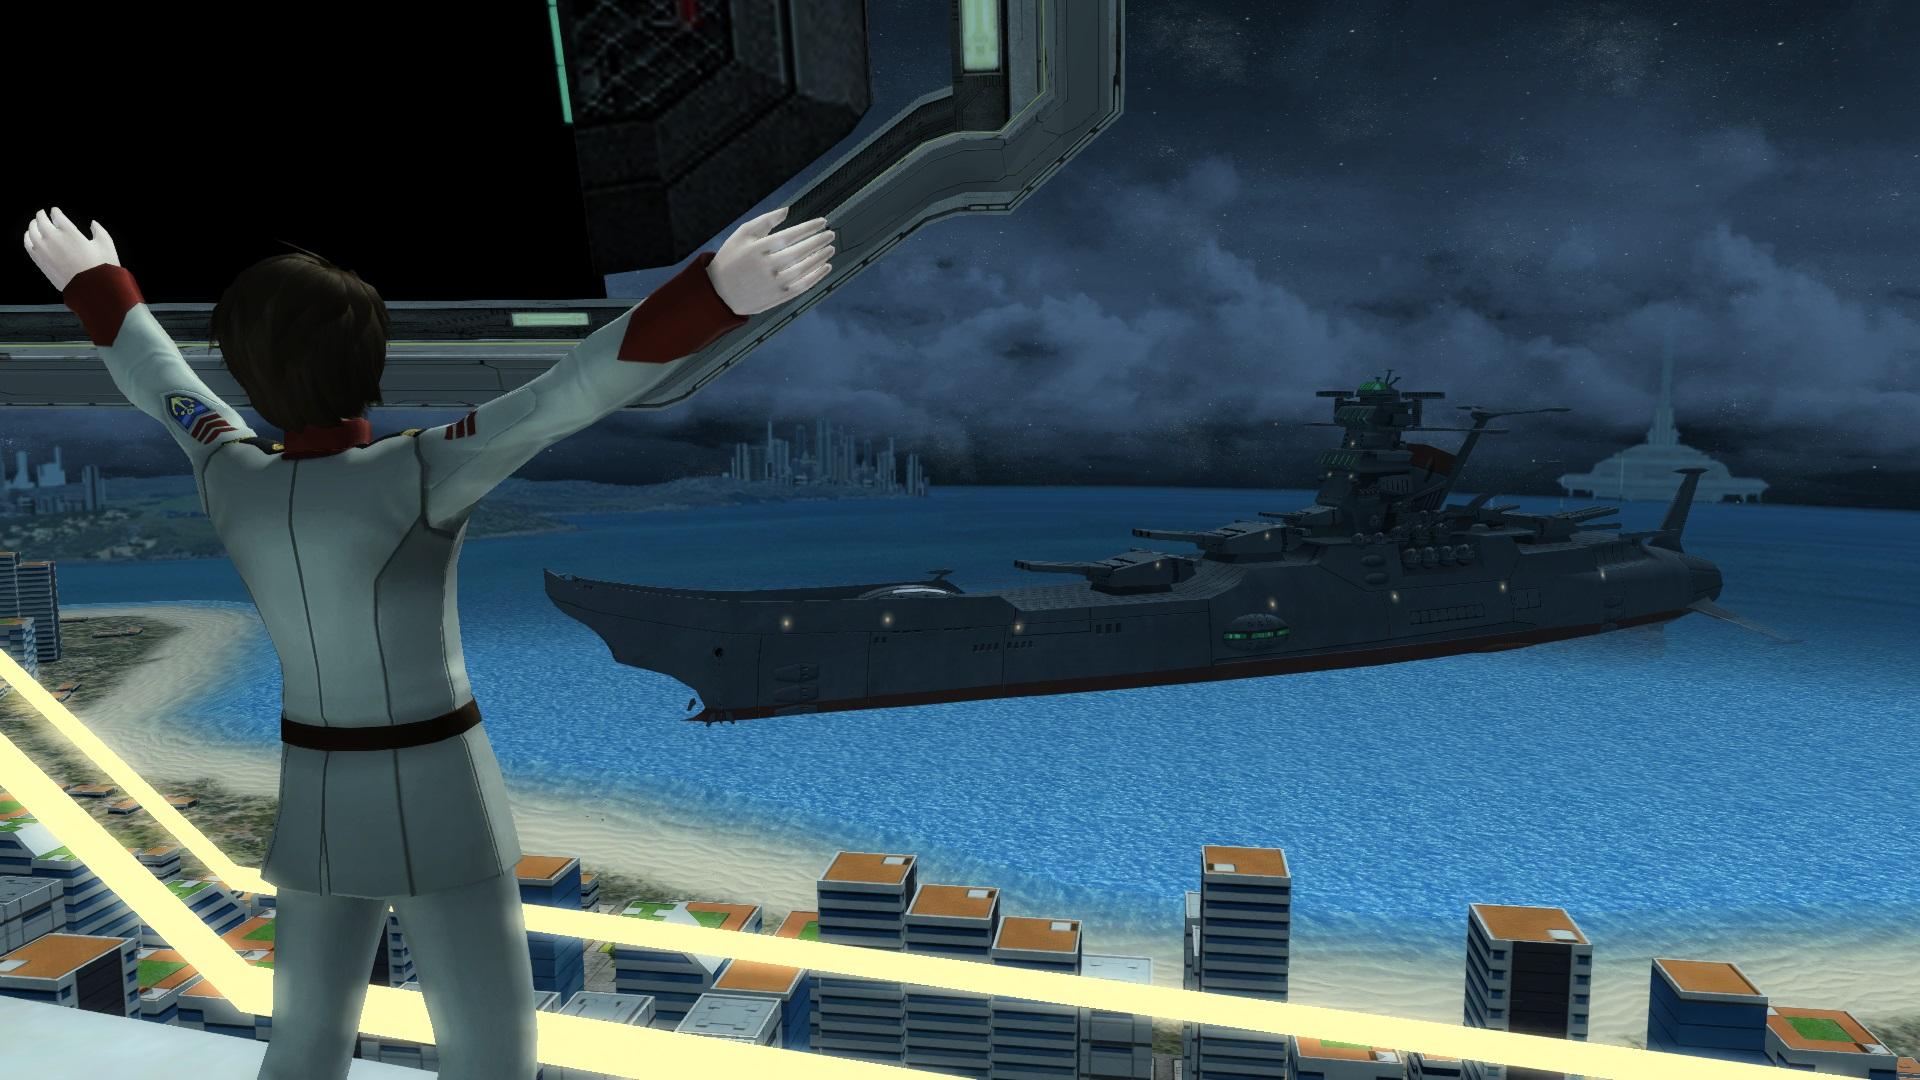 「ファンタシースターオンライン2」,アニメ「宇宙戦艦ヤマト2199」とのコラボがスタート。ロビーがクリスマス仕様に「ファンタシースターオンライン2」,アニメ「宇宙戦艦ヤマト2199」とのコラボがスタート。ロビーがクリスマス仕様に